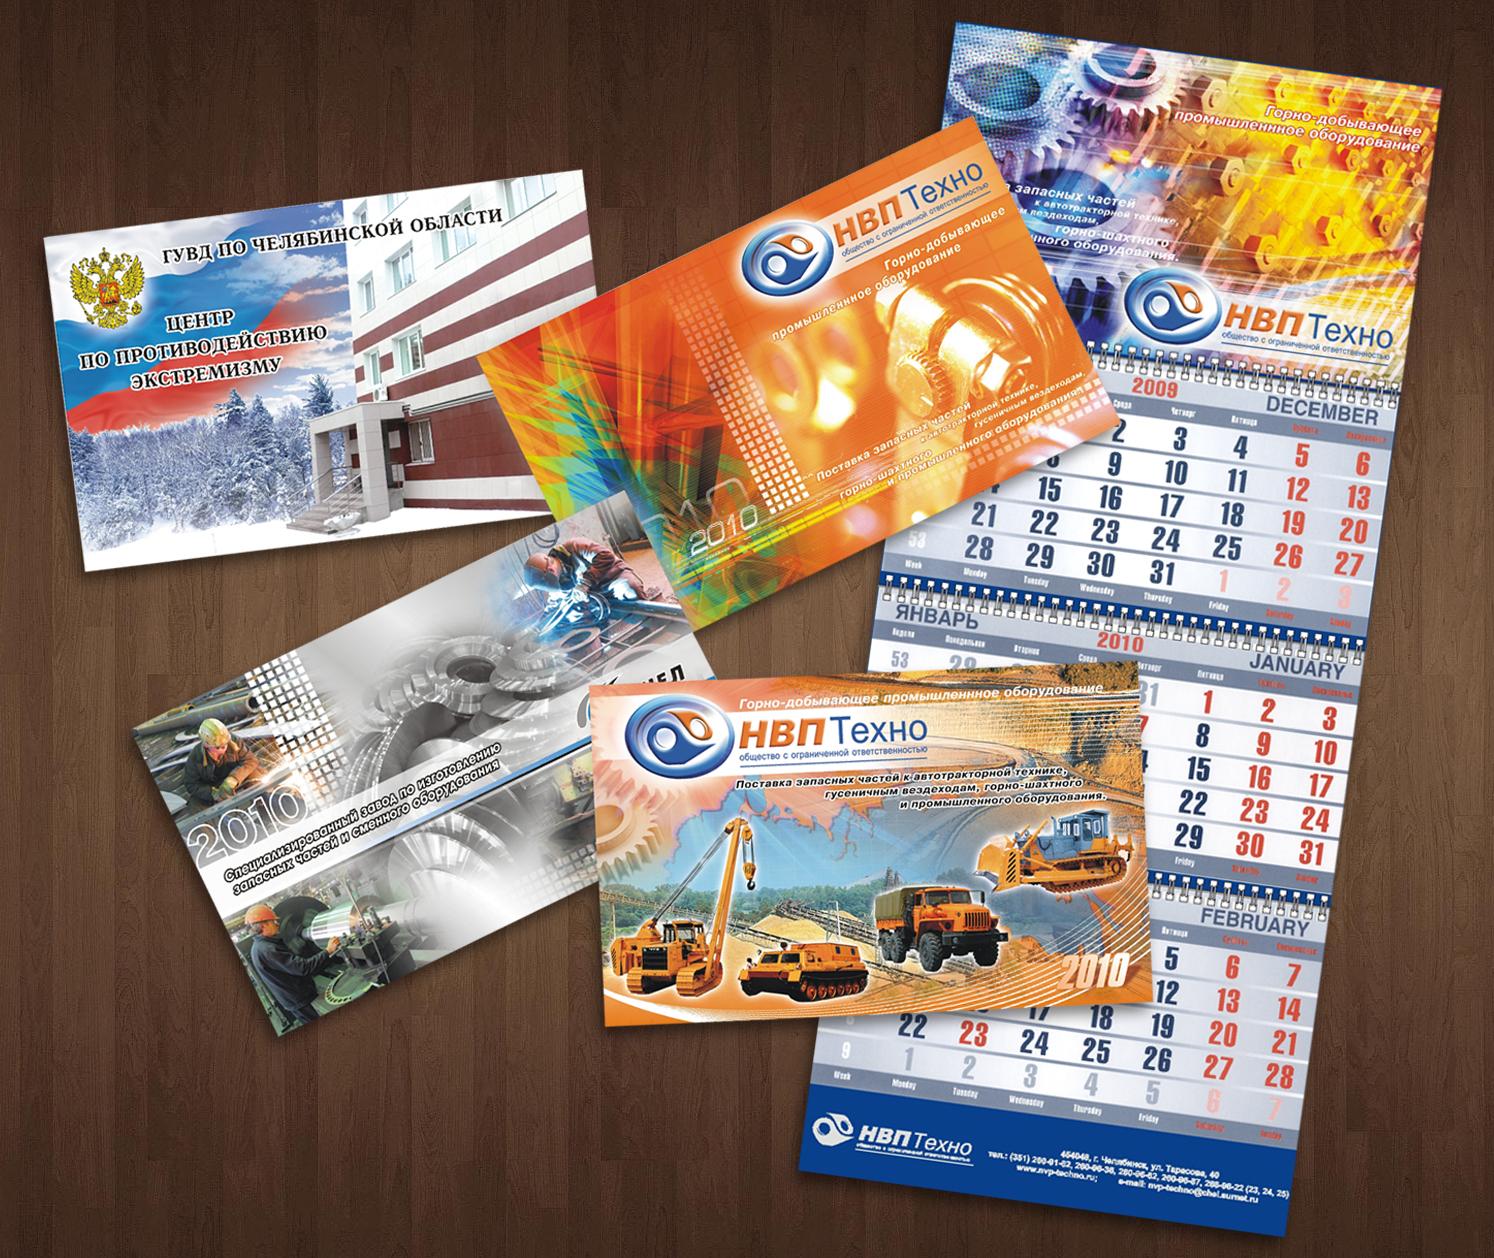 Картинки днем, открытки буклеты календари